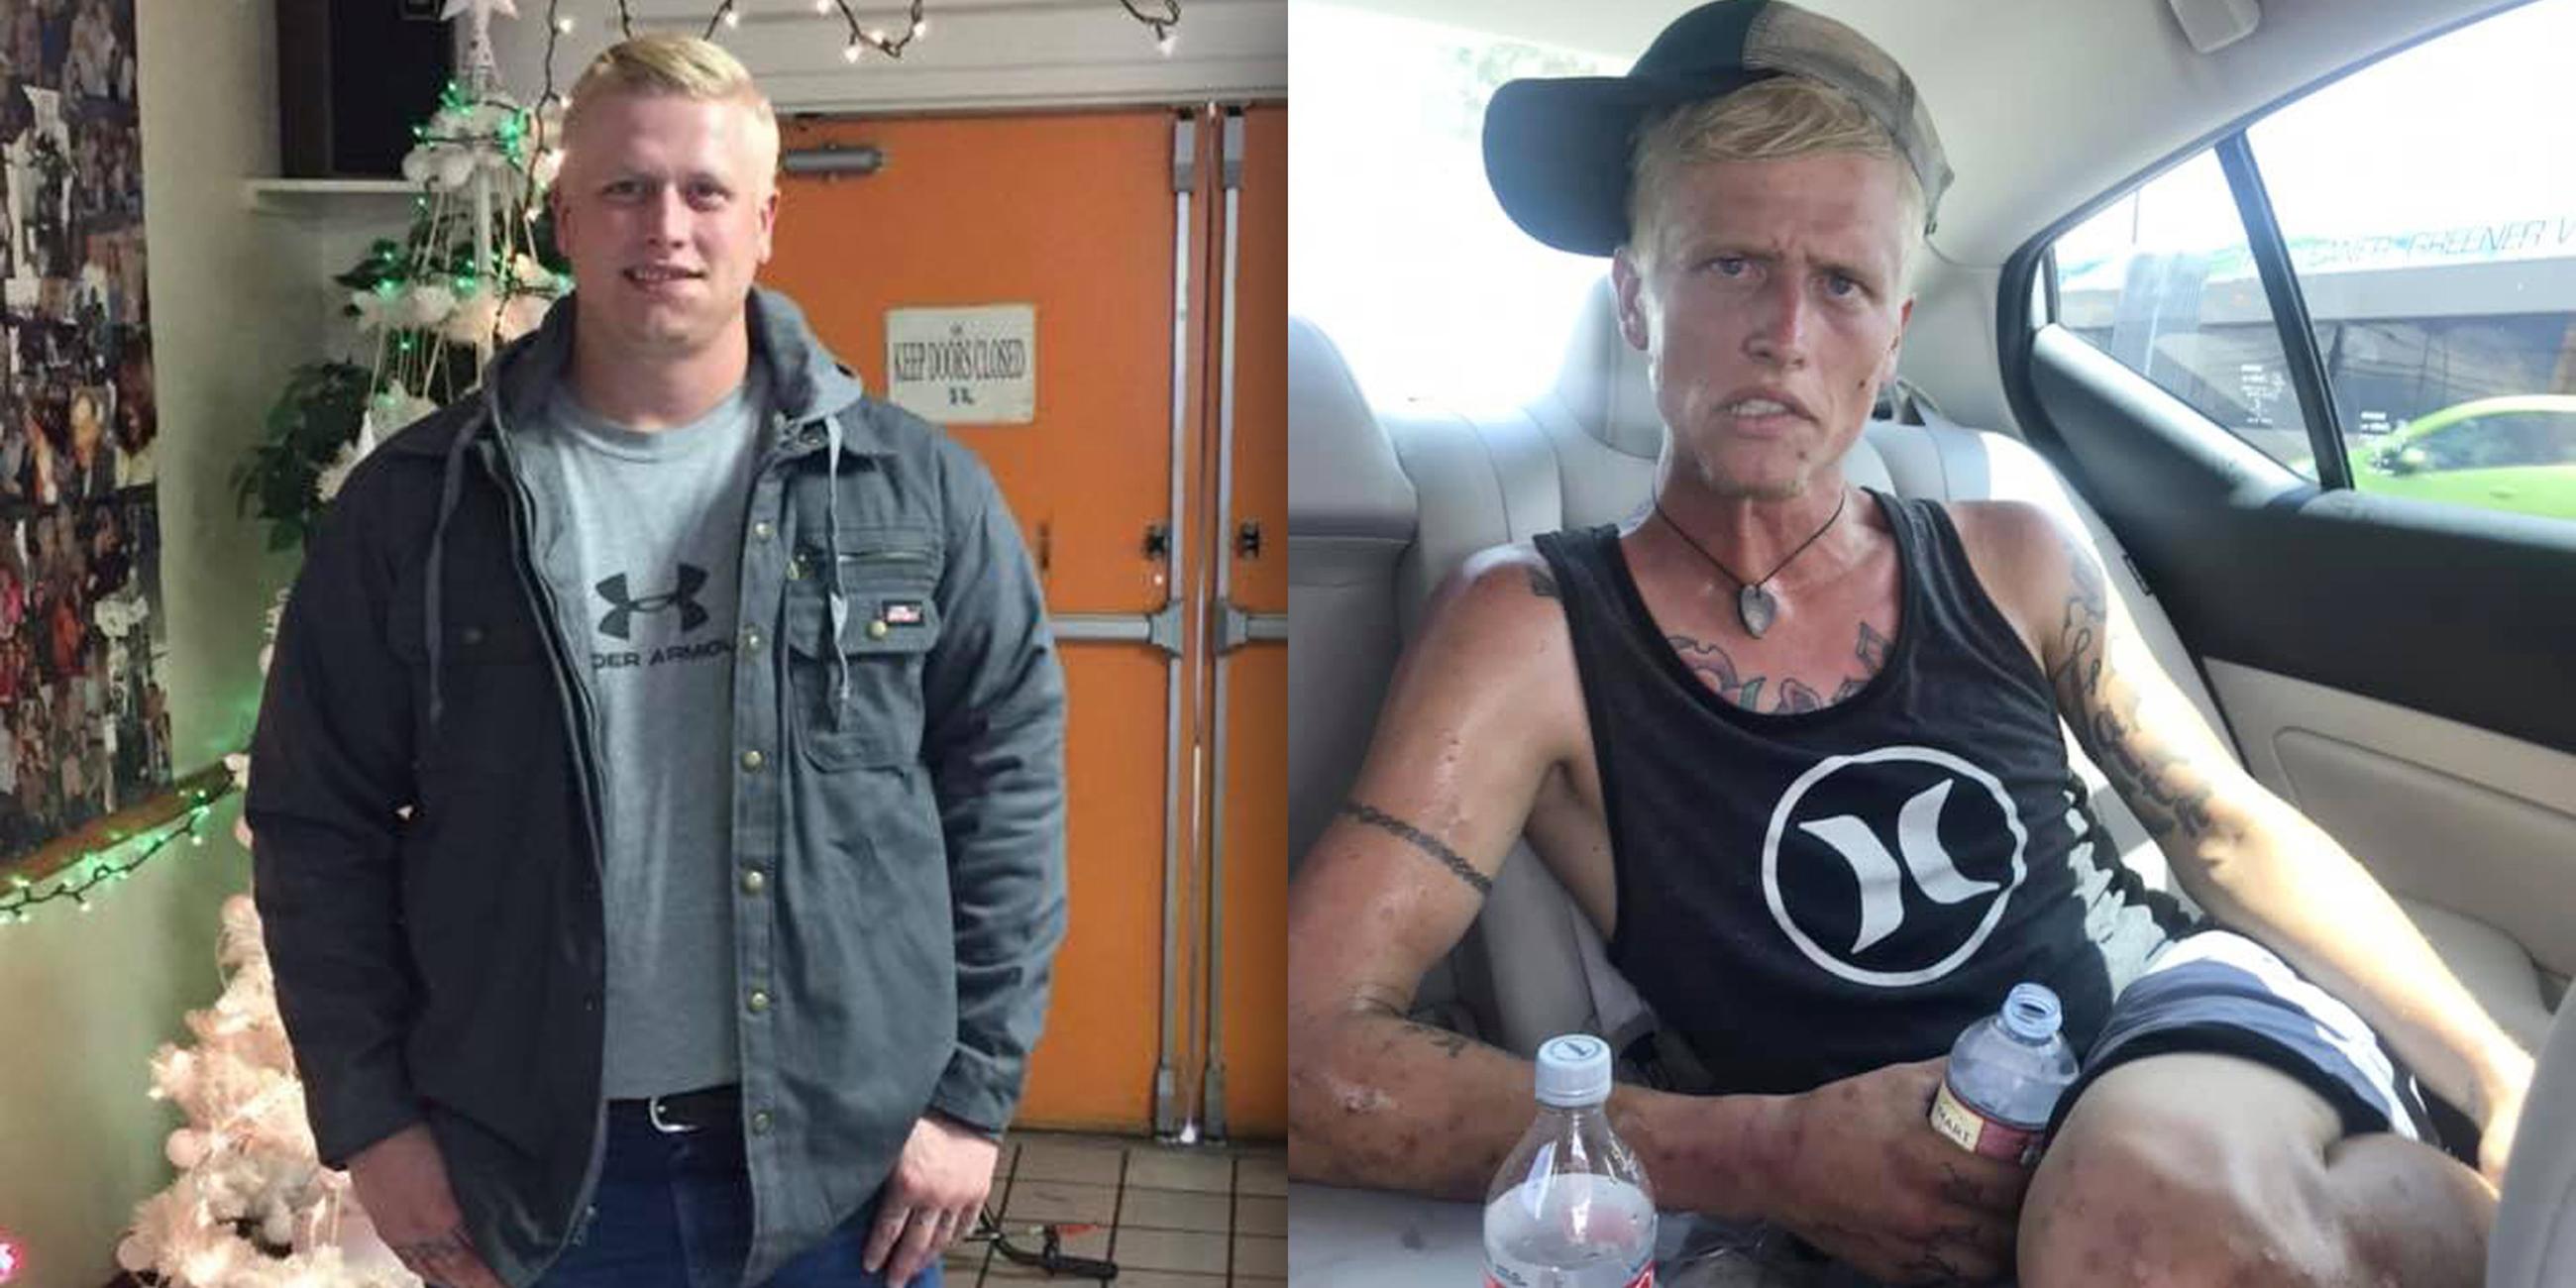 Foto23 Cody Bishop Vício em drogas faz vítima fatal na comunidade brasileira em NY